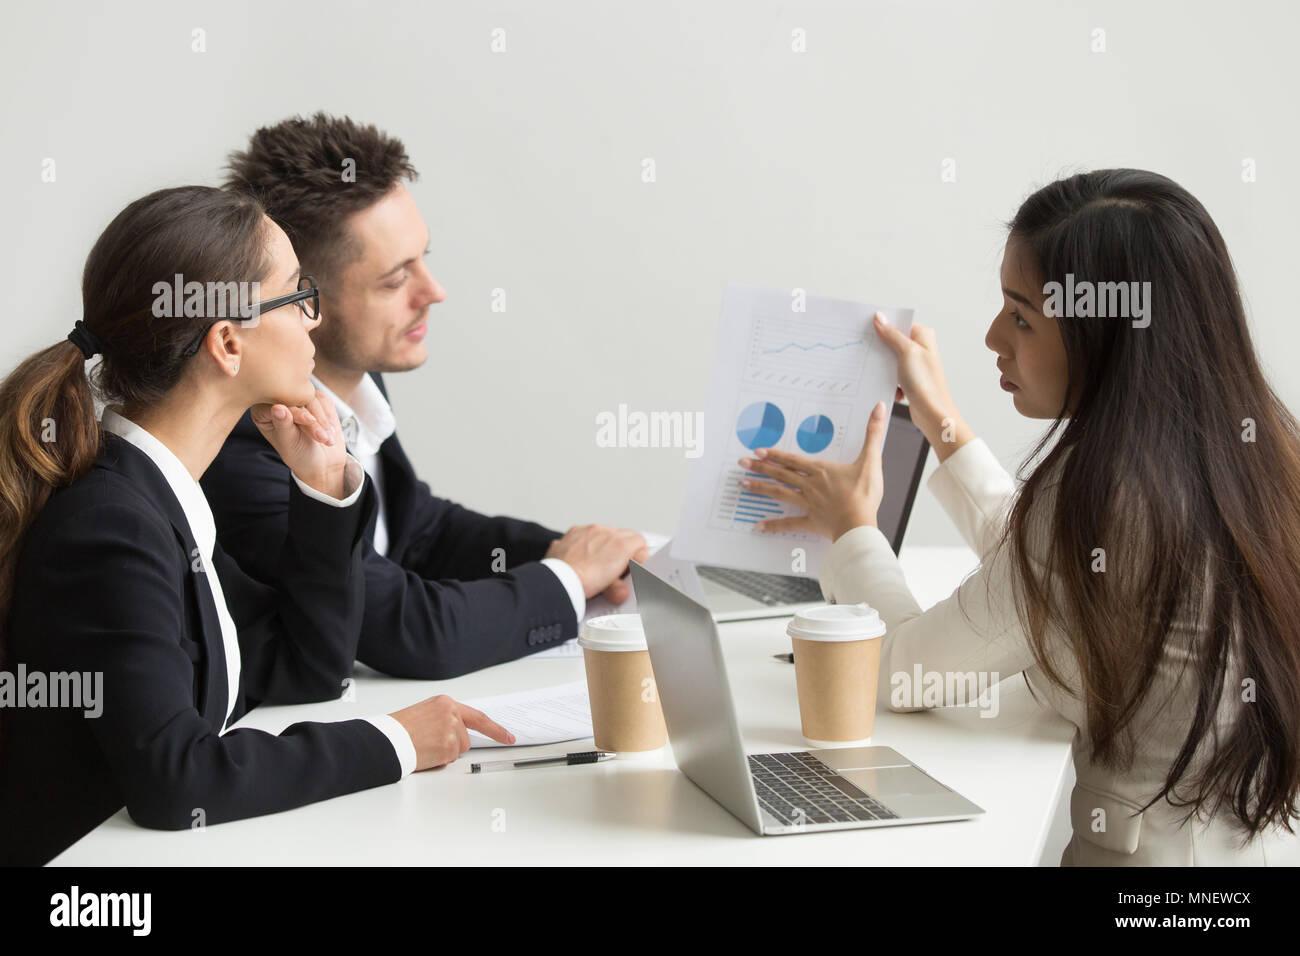 Trabajadora la presentación visual de las plantillas a los compañeros de trabajo. Imagen De Stock